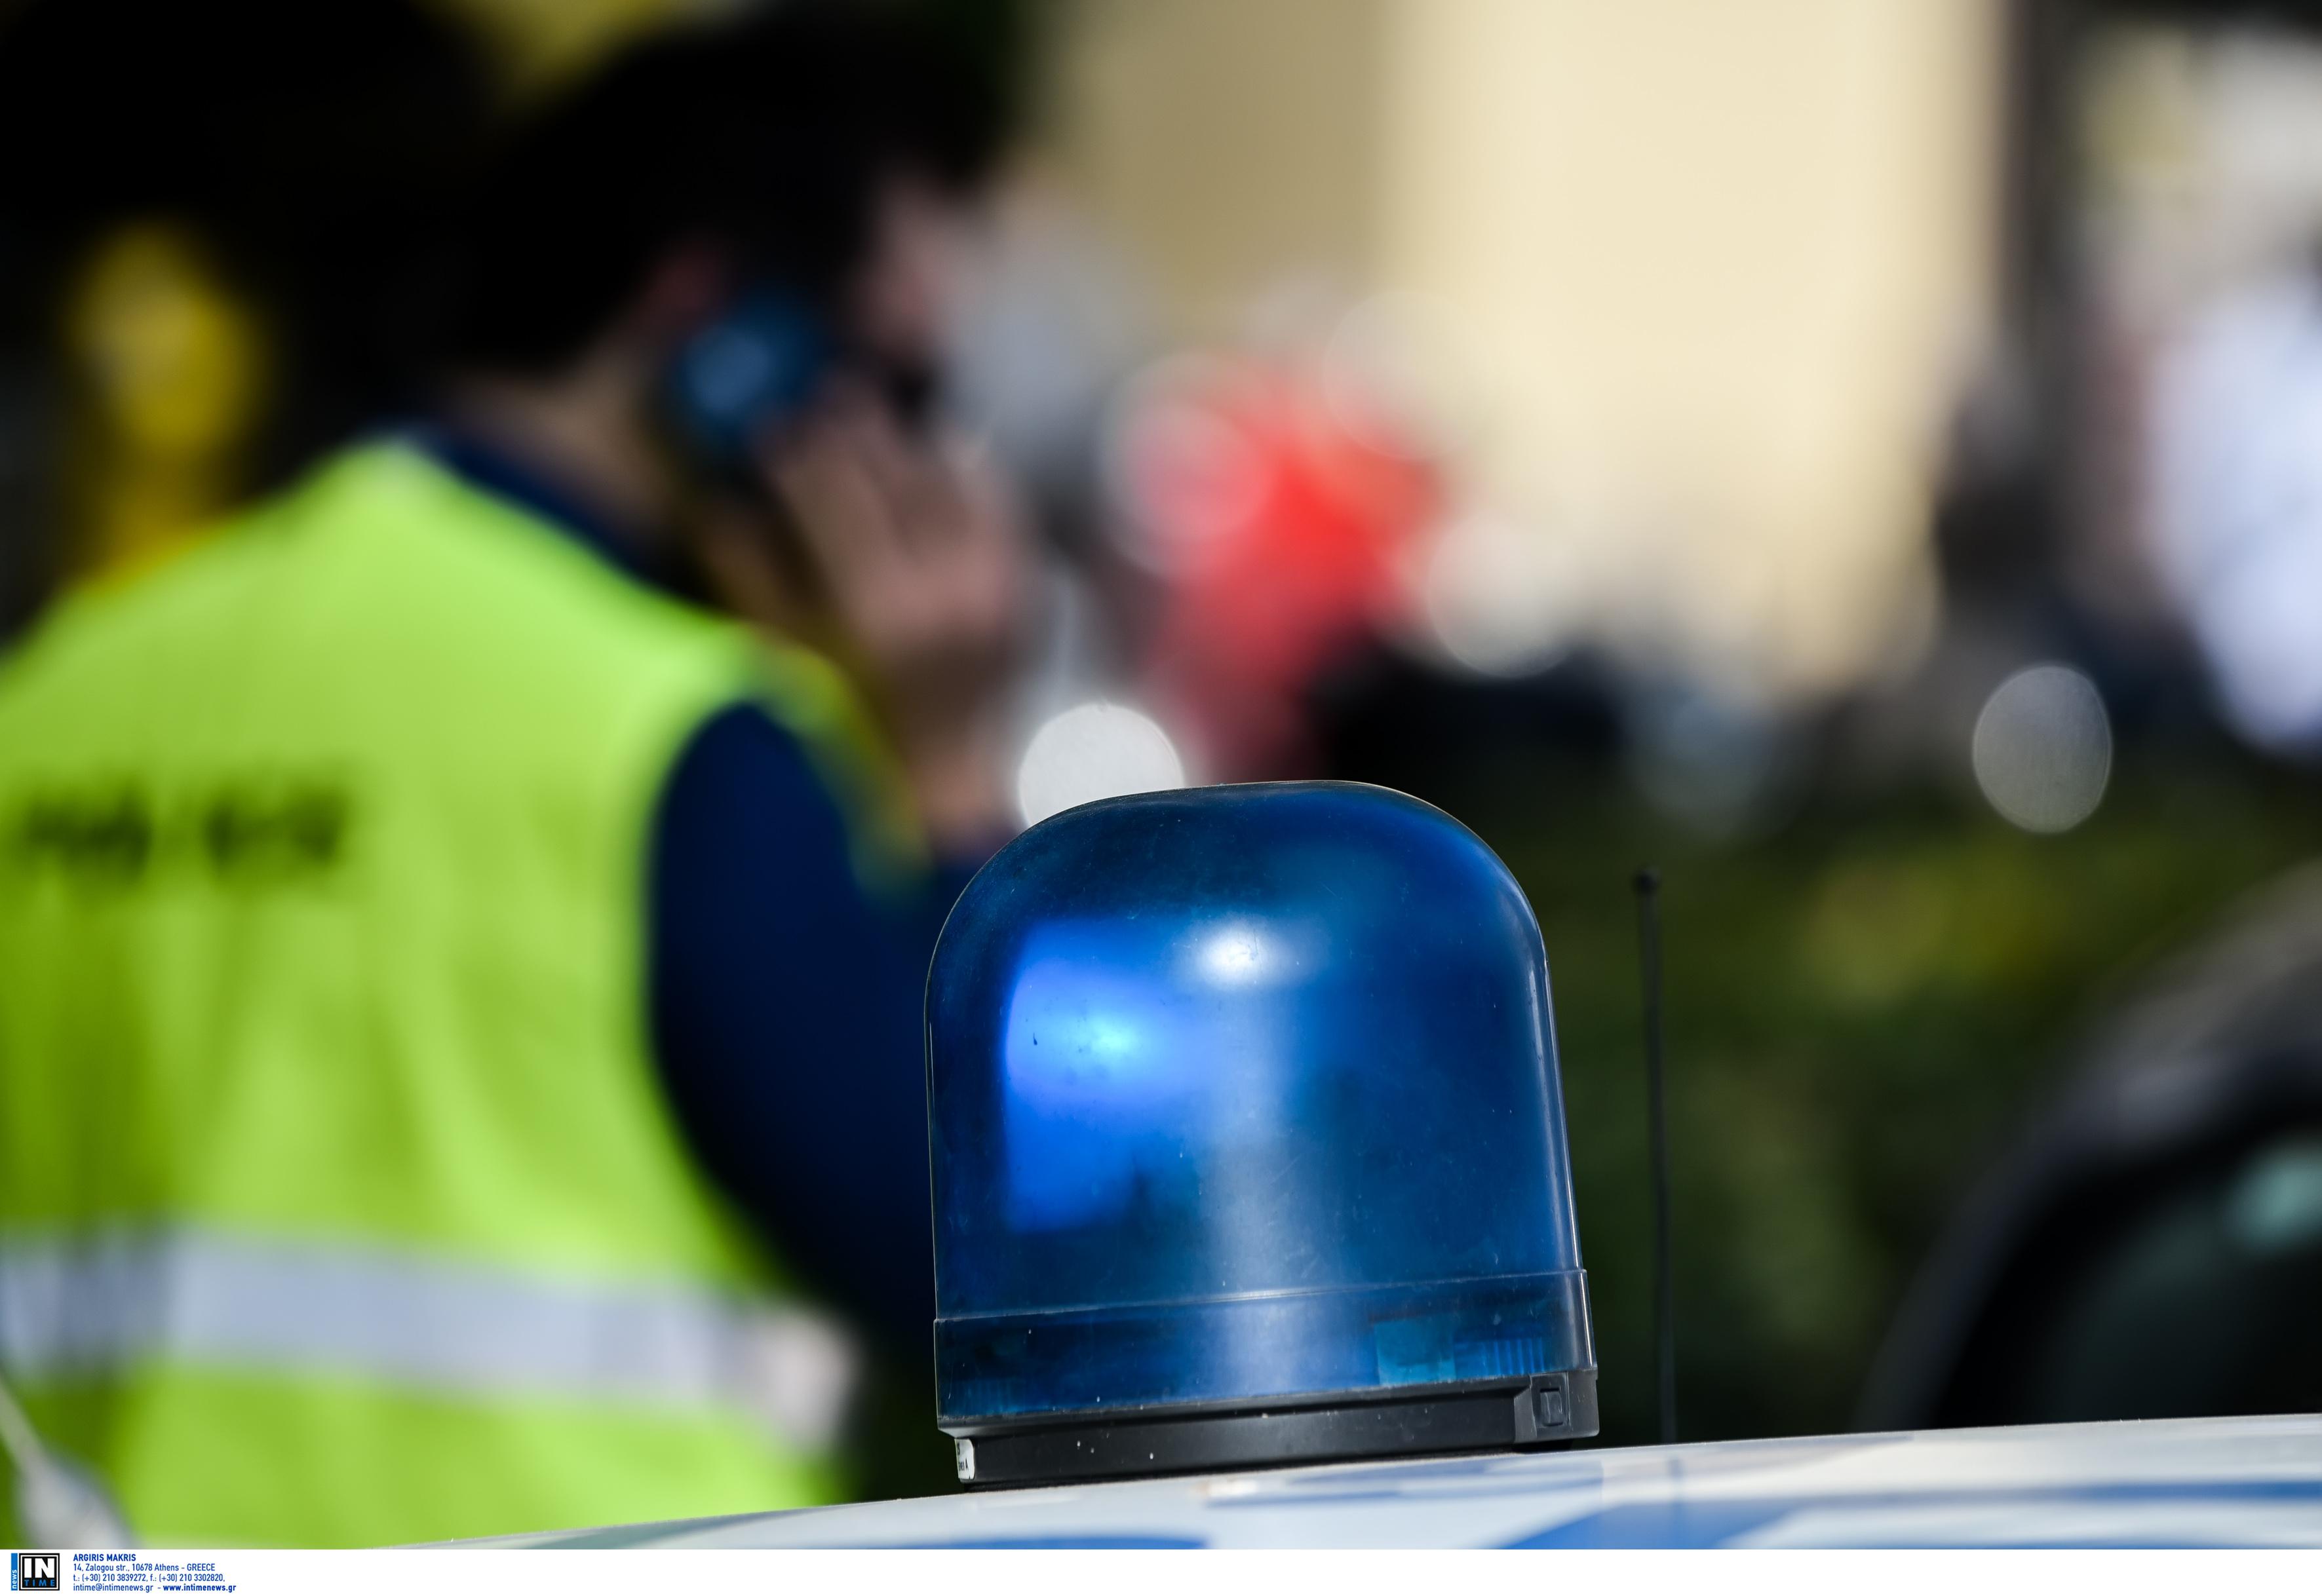 Τραγωδία στην Κρήτη! Νεκρός ο πατέρας, χαροπαλεύει ο γιος από πυροβολισμούς